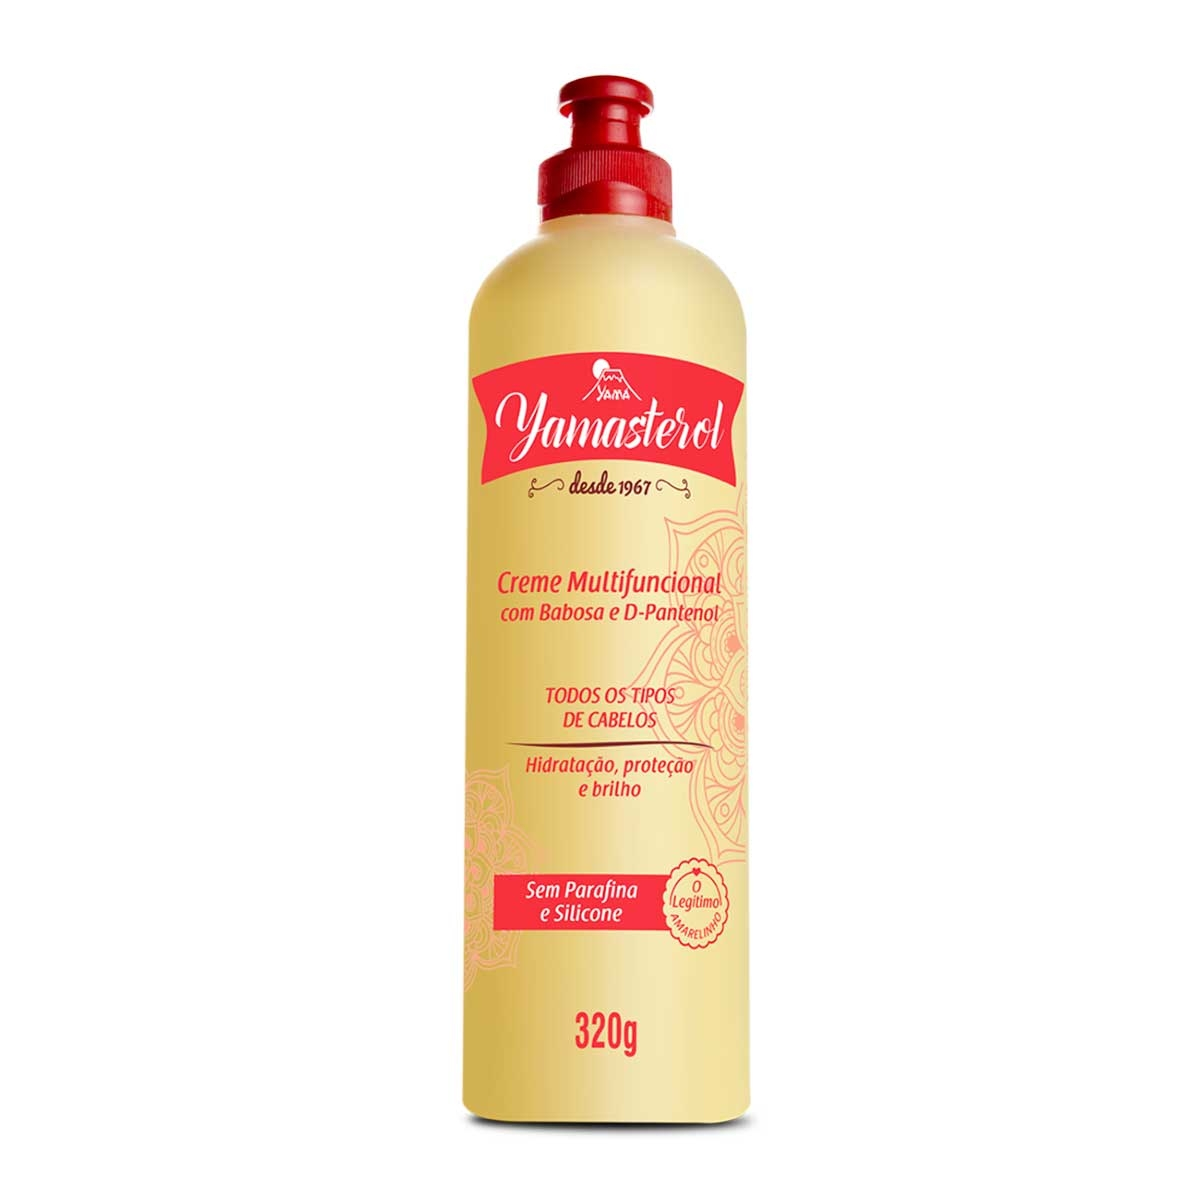 Creme Multifuncional Yamasterol Barbosa e D-Pantenol 320g 320g